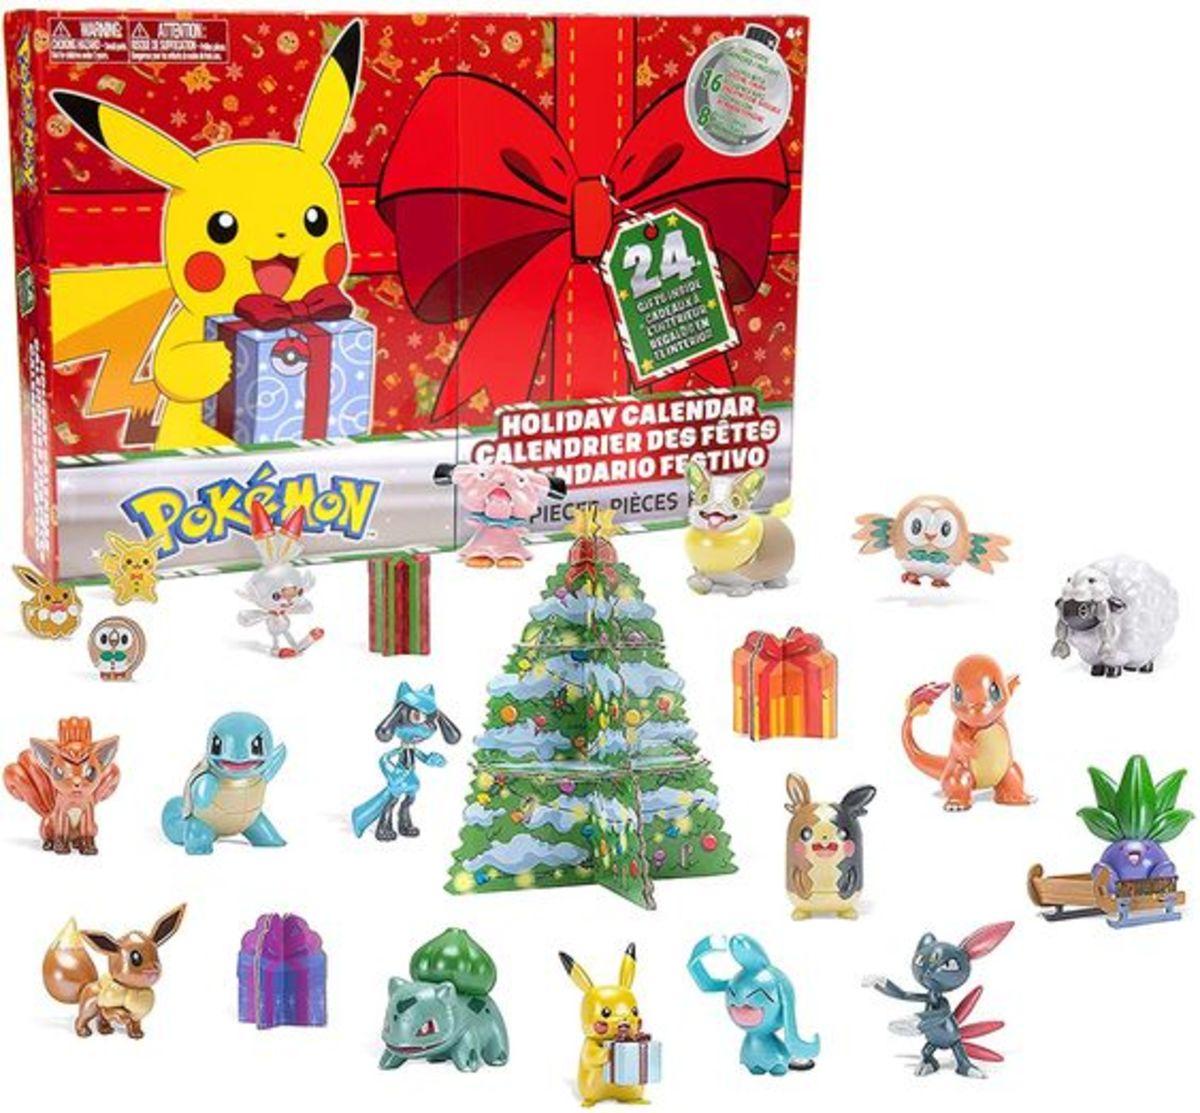 Funko Pop! Advent Calendars for Christmas 2021